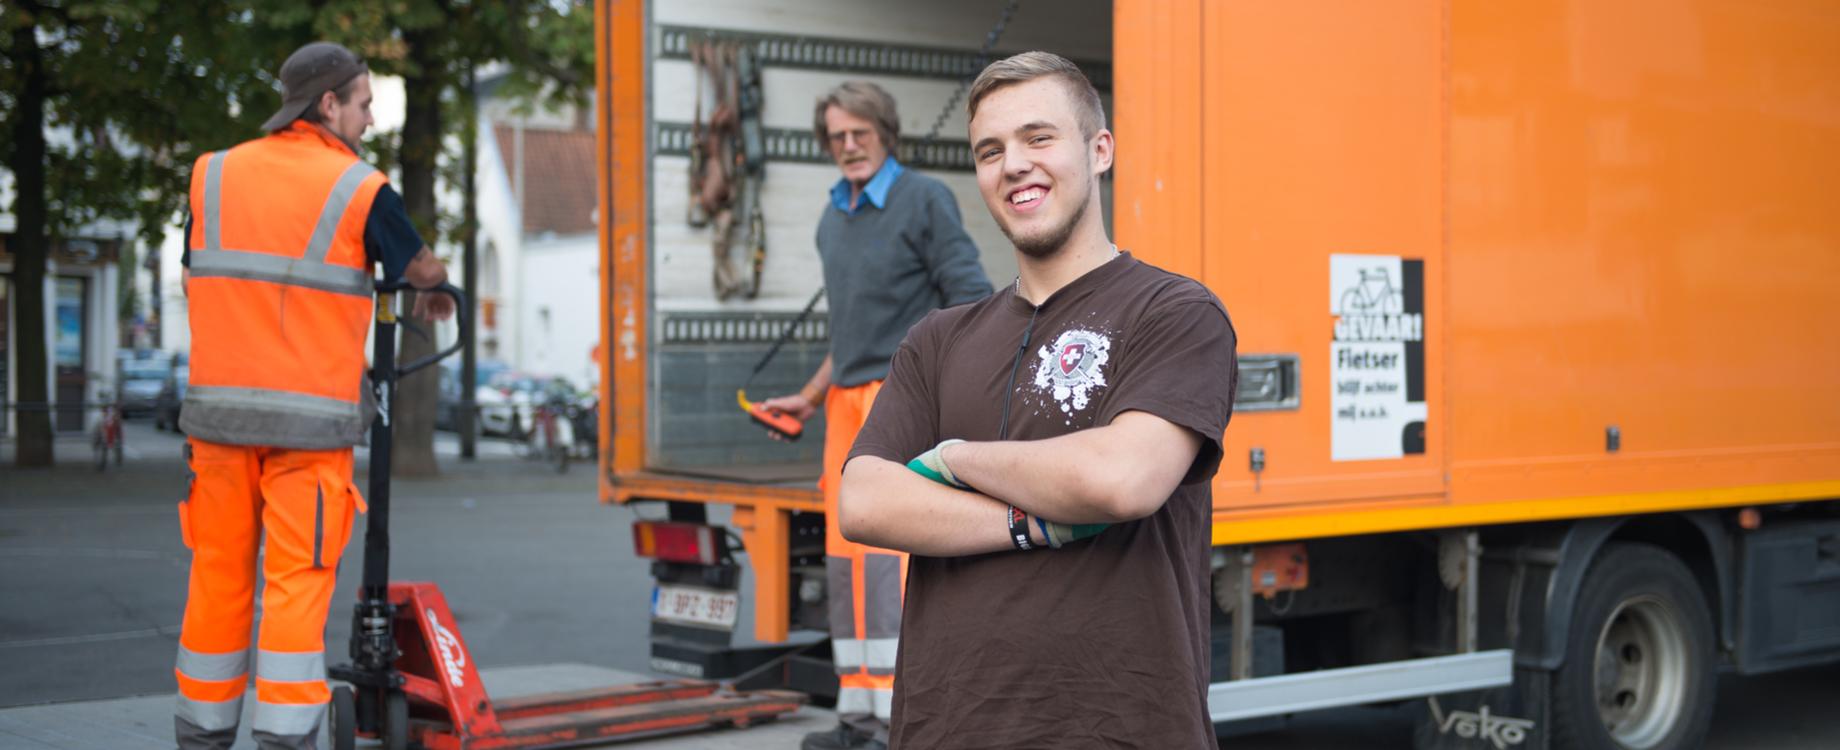 Jobstudent - magazijnmedewerker bij stad Antwerpen